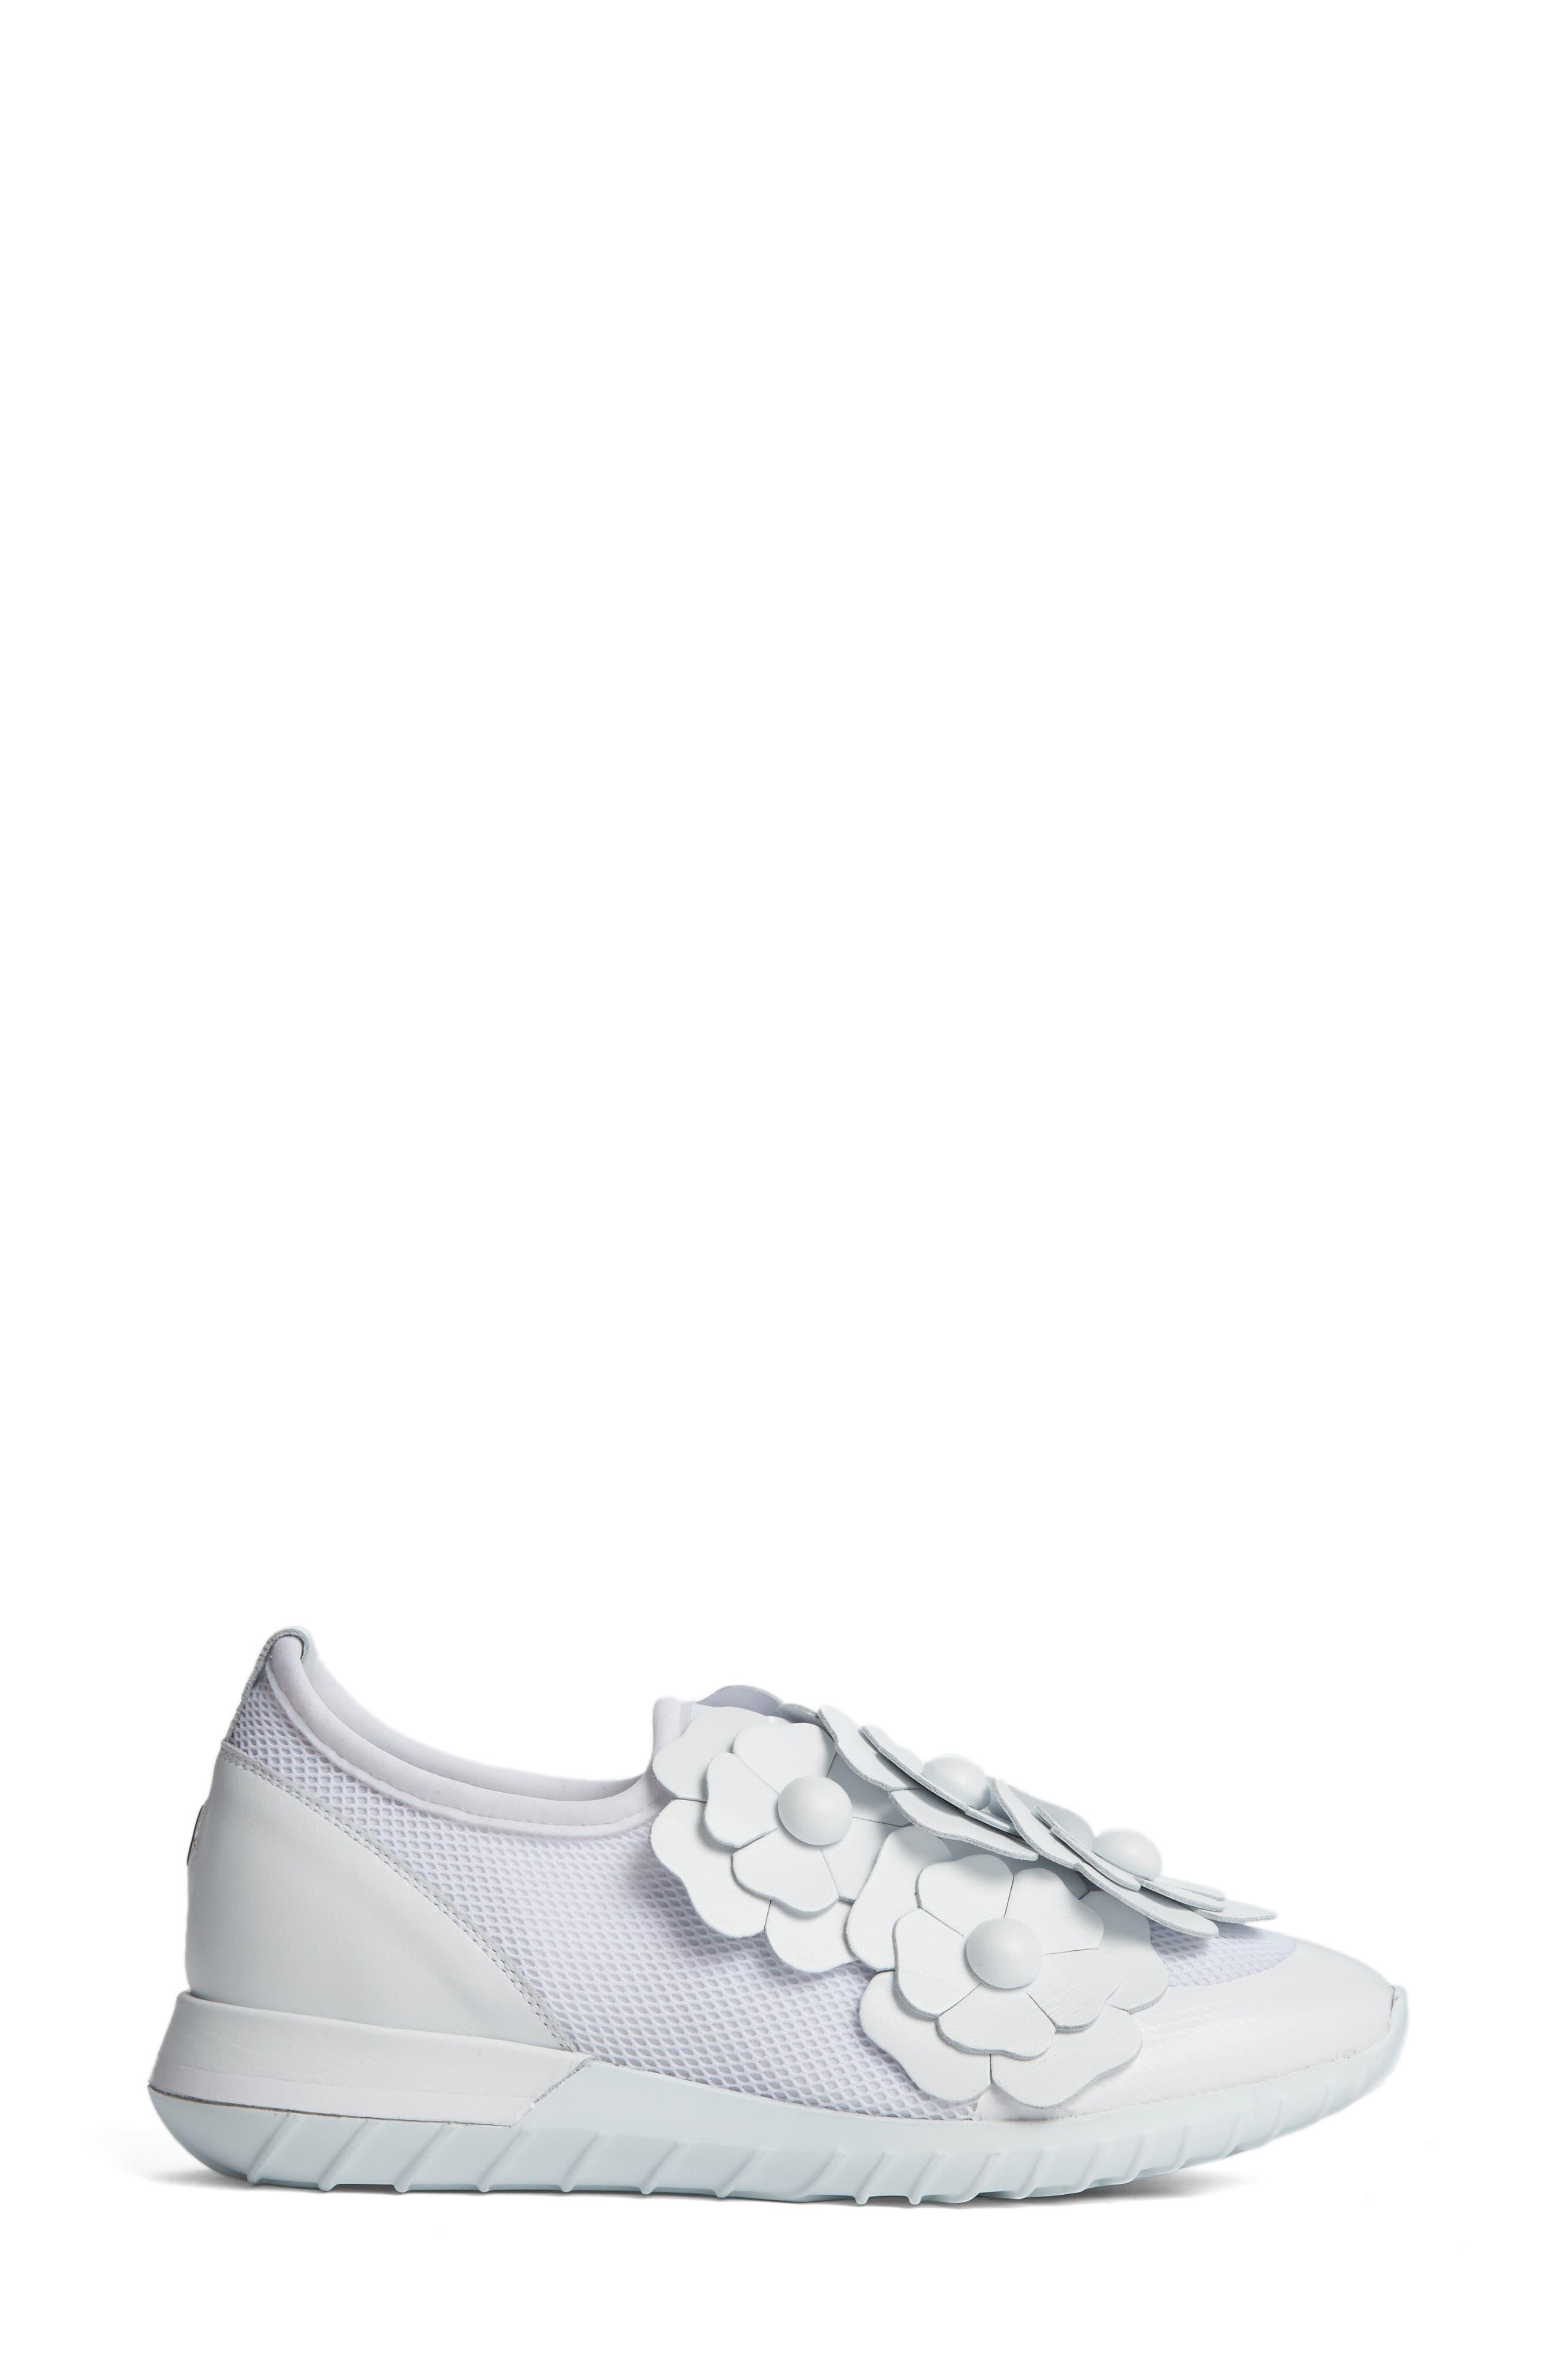 Emy Roseline Slip-On Sneaker,                             Alternate thumbnail 4, color,                             White Leather